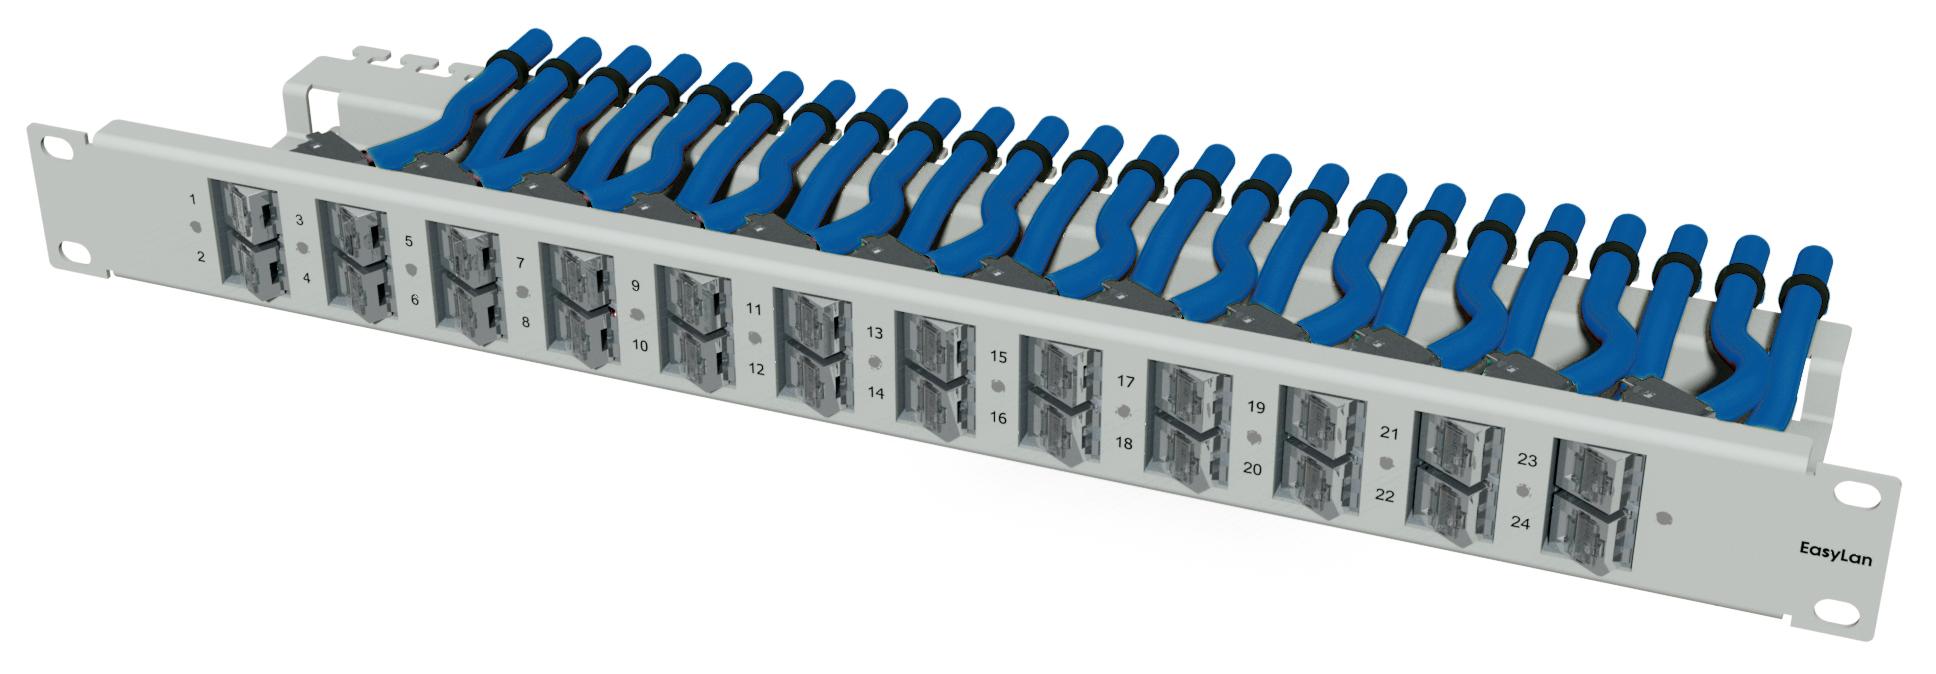 1 Stk preLink/fixLink Winkelpanel 1HE, 19, Variante 2 HEKR0240LL